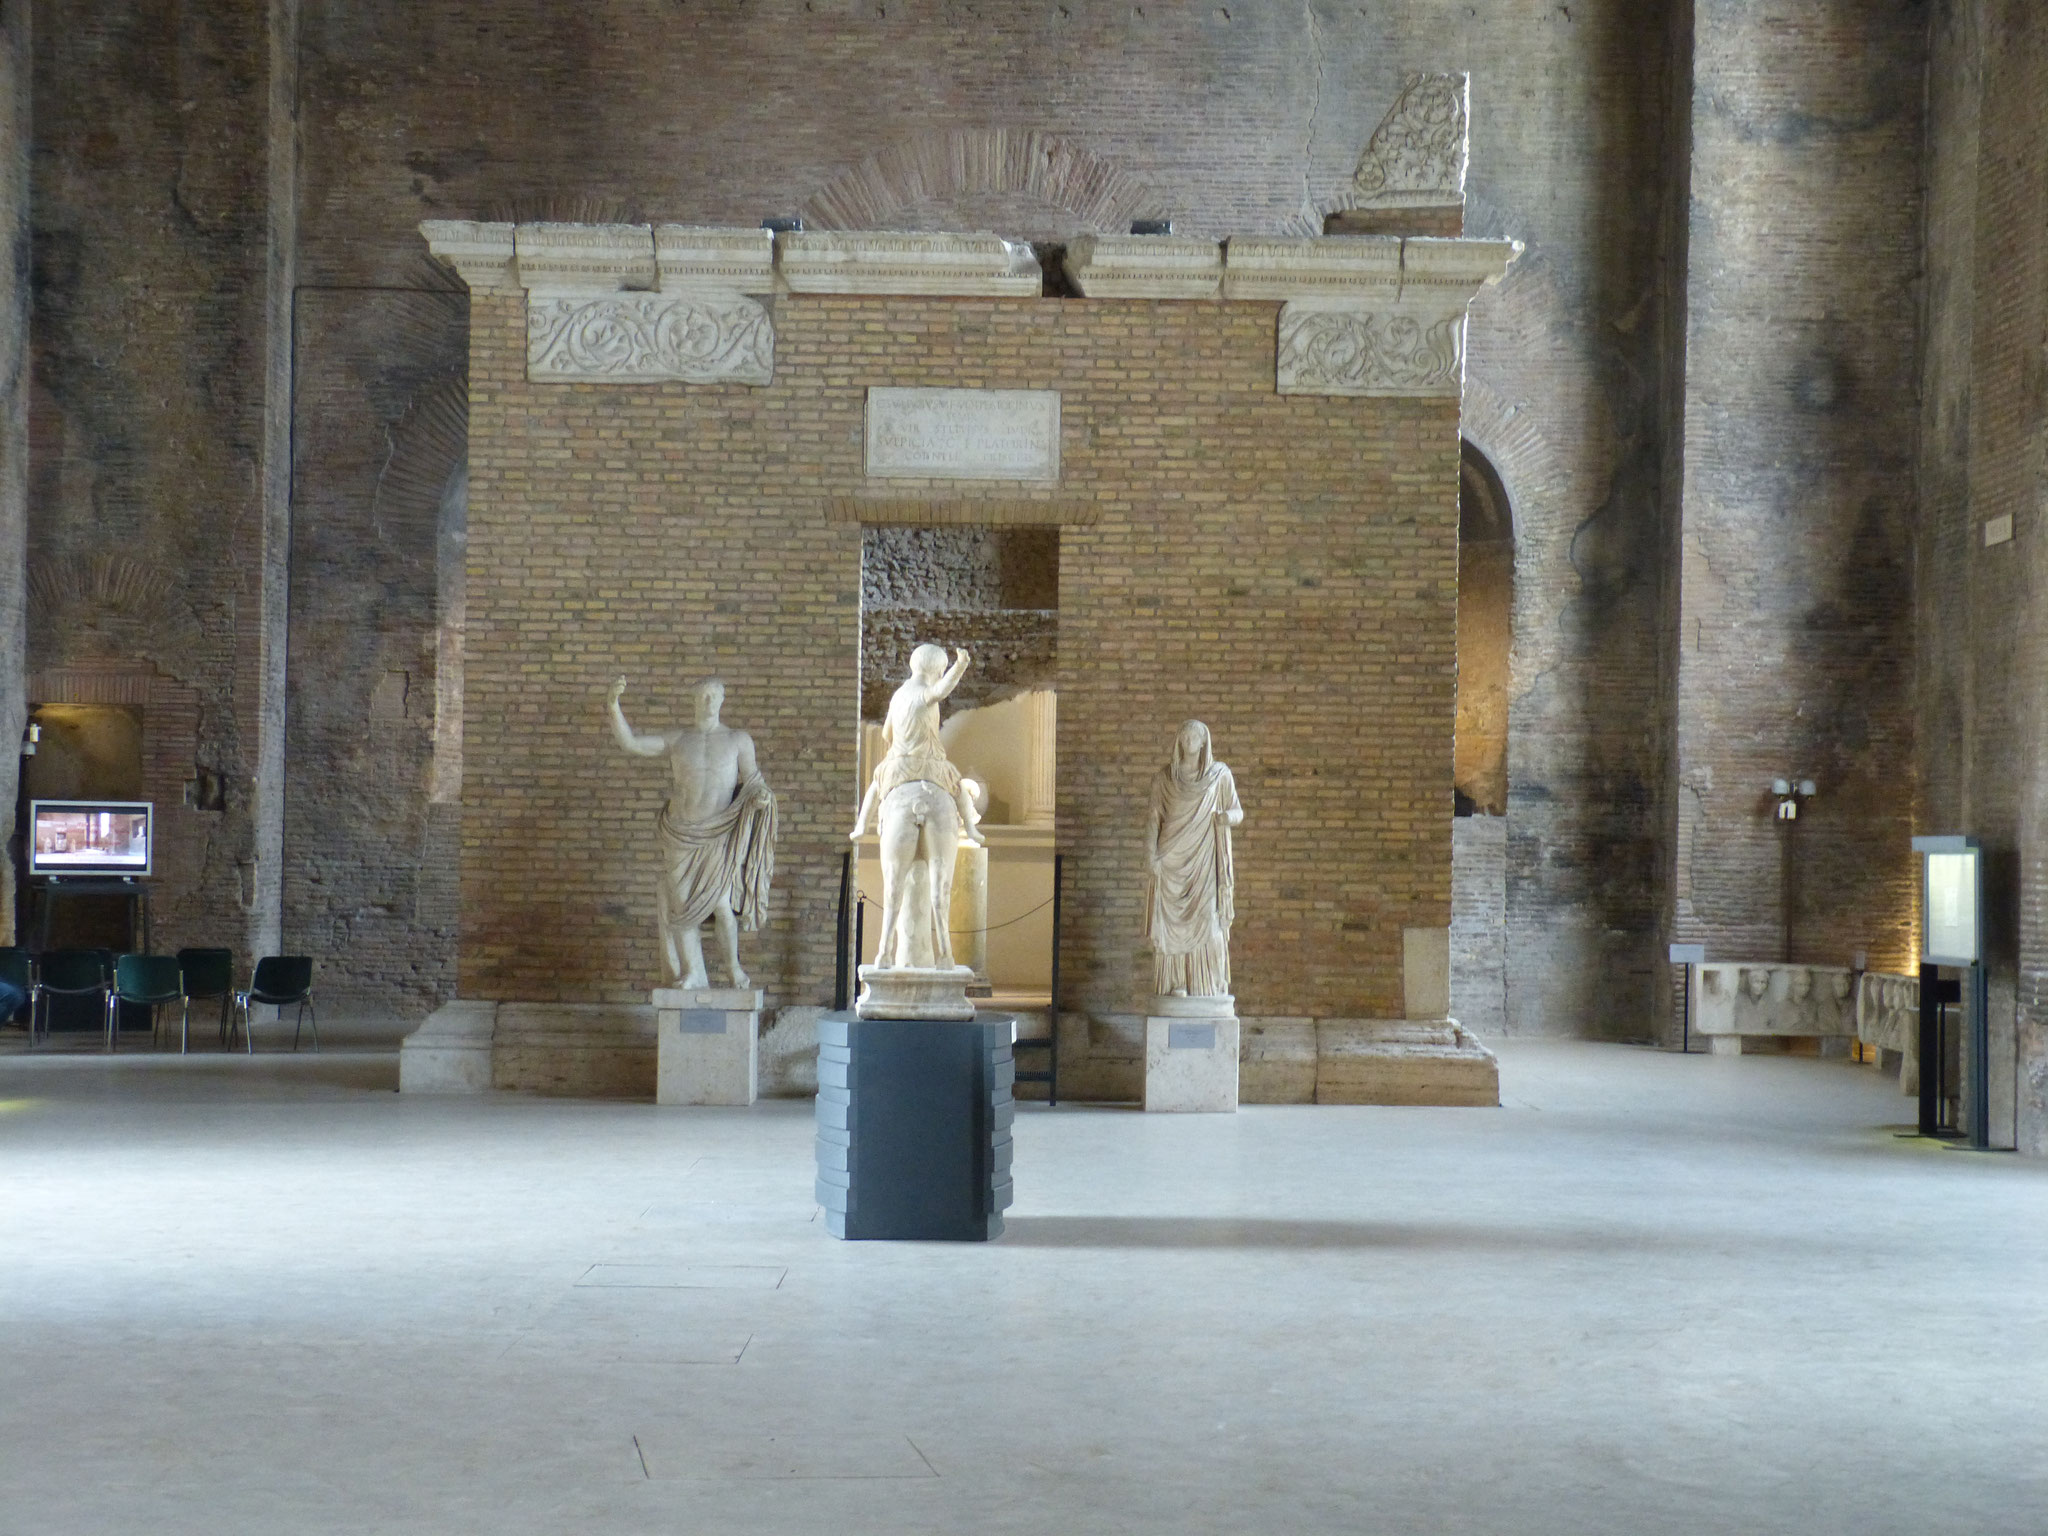 Kunst in den Überresten der antiken Diokletiansthermen.